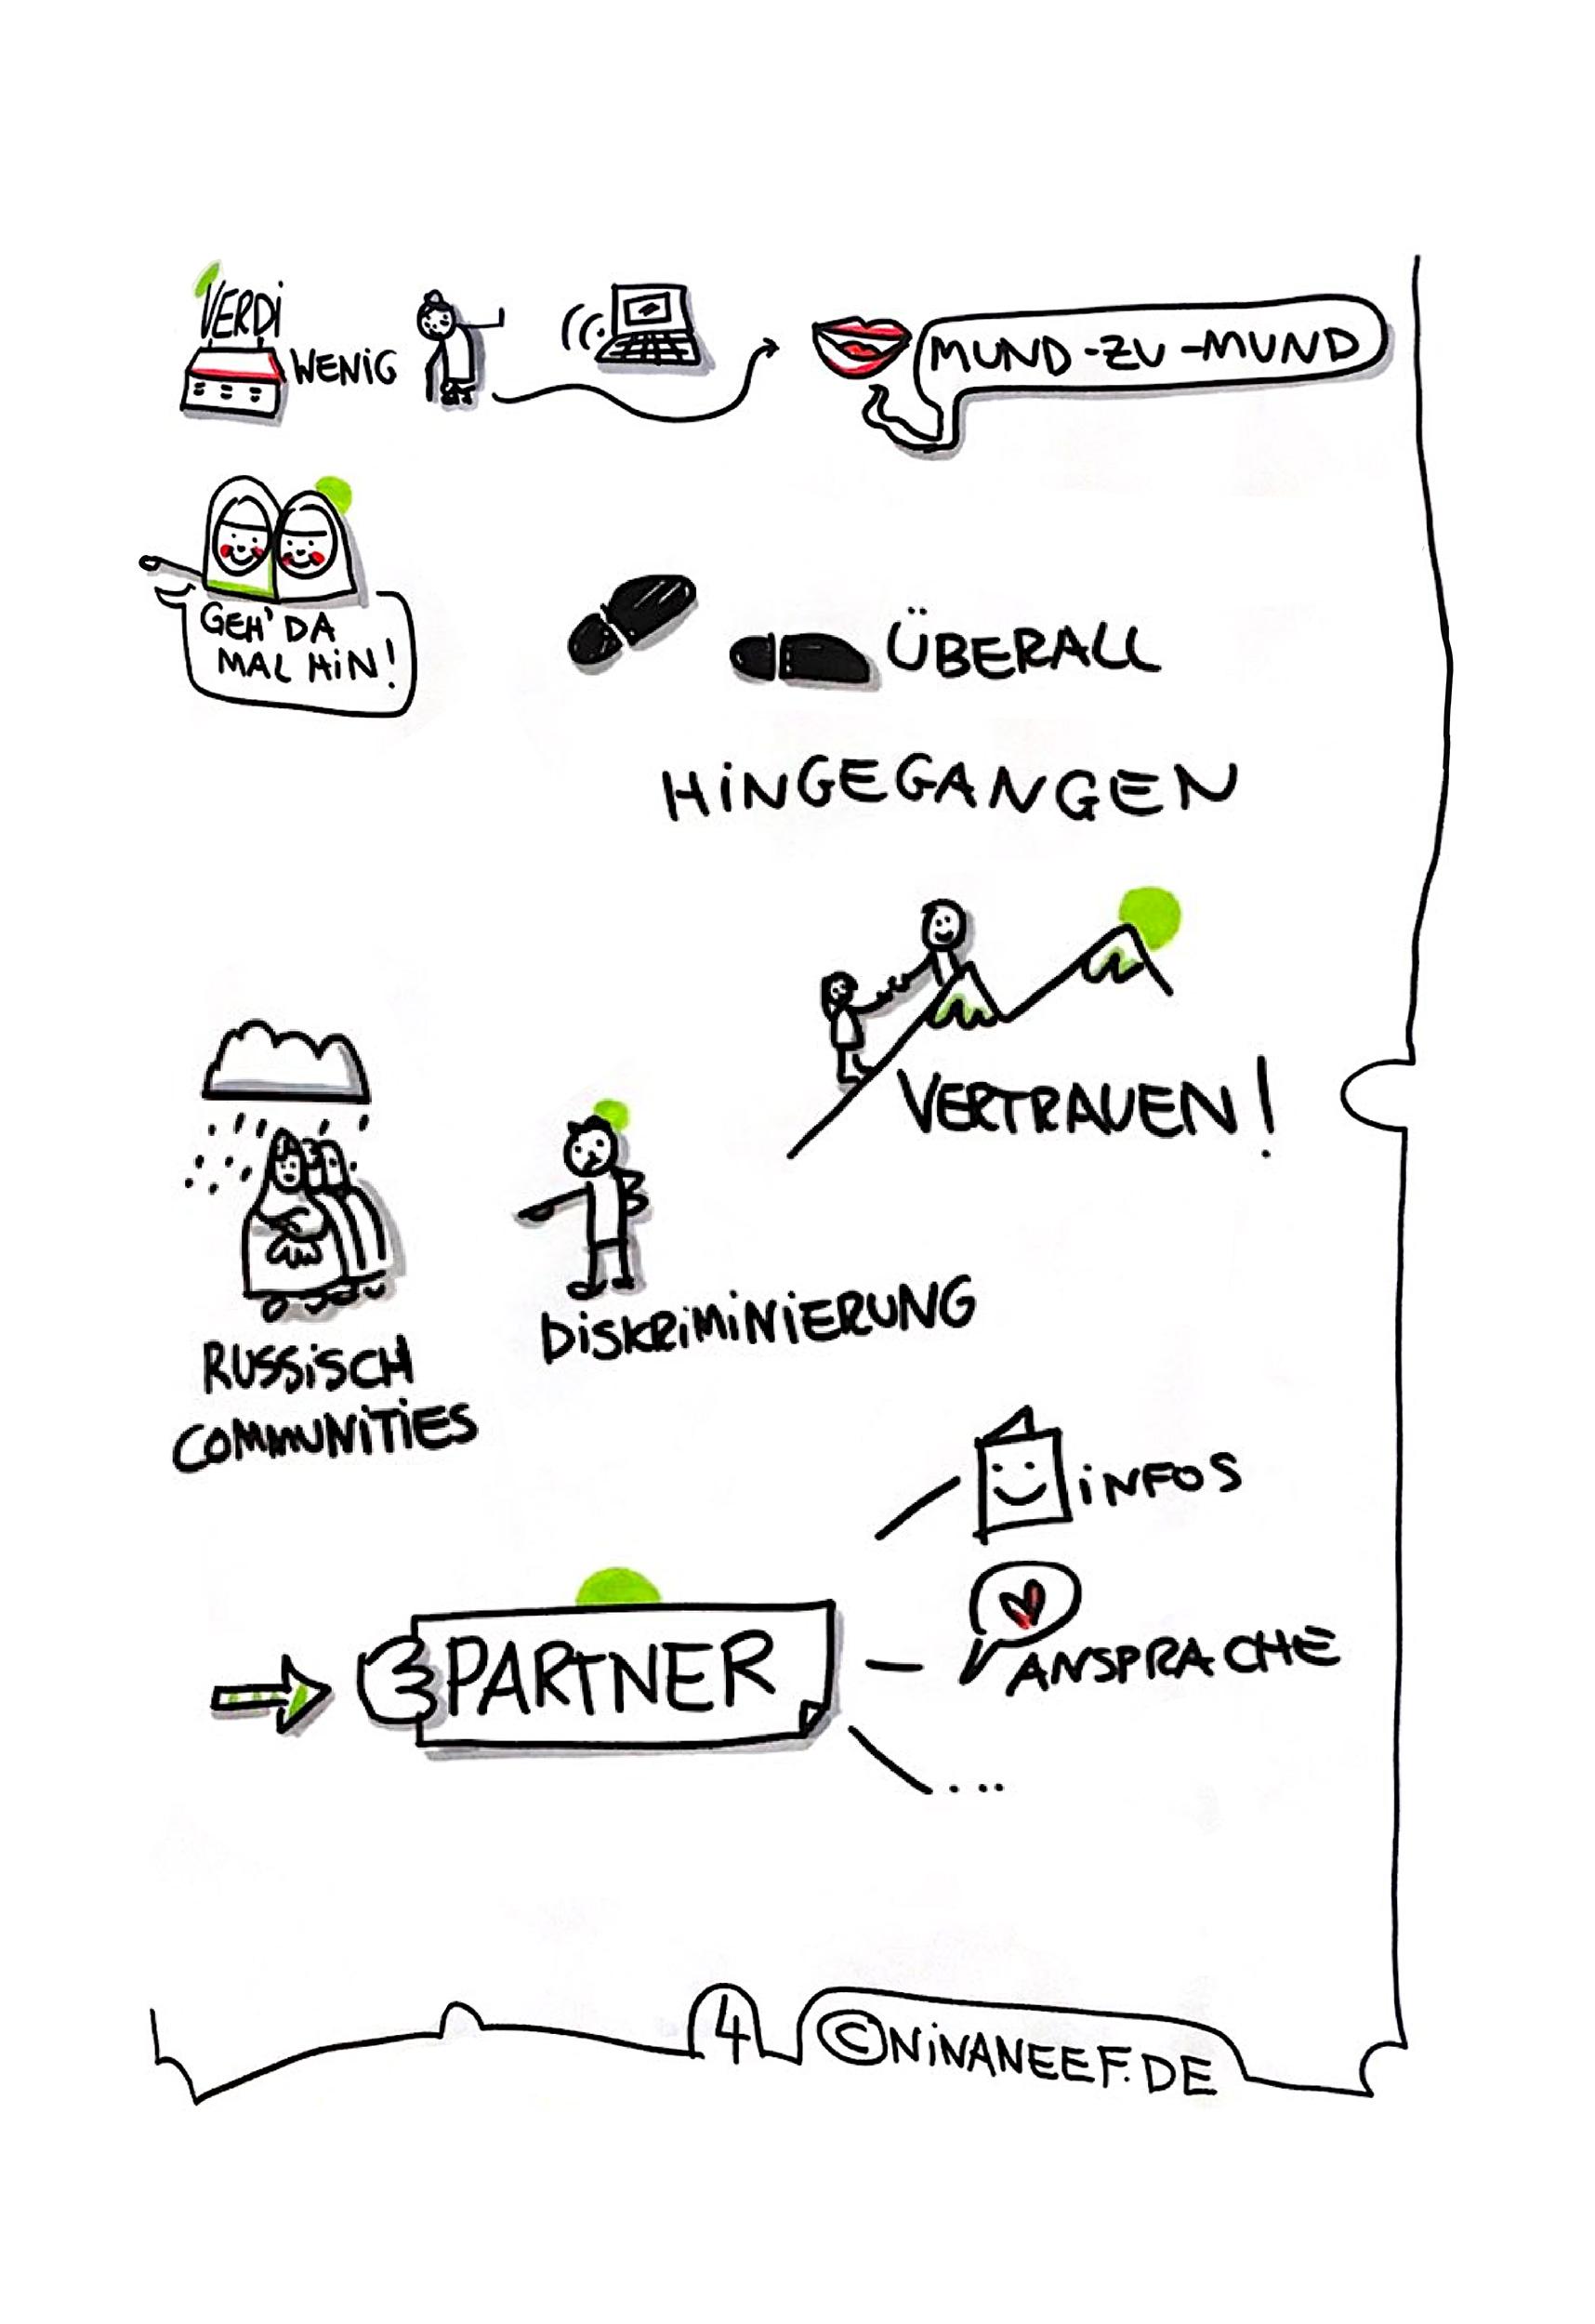 Beim Bezirksamt Lichtenberg In Berlin Erstellte Nina Neef Ein Live Graphic Recording Der Veranstaltung: Gemeinsam Vielfältig Sein - Interkulturelle Senior*innenarbeit In Lichtenberg.